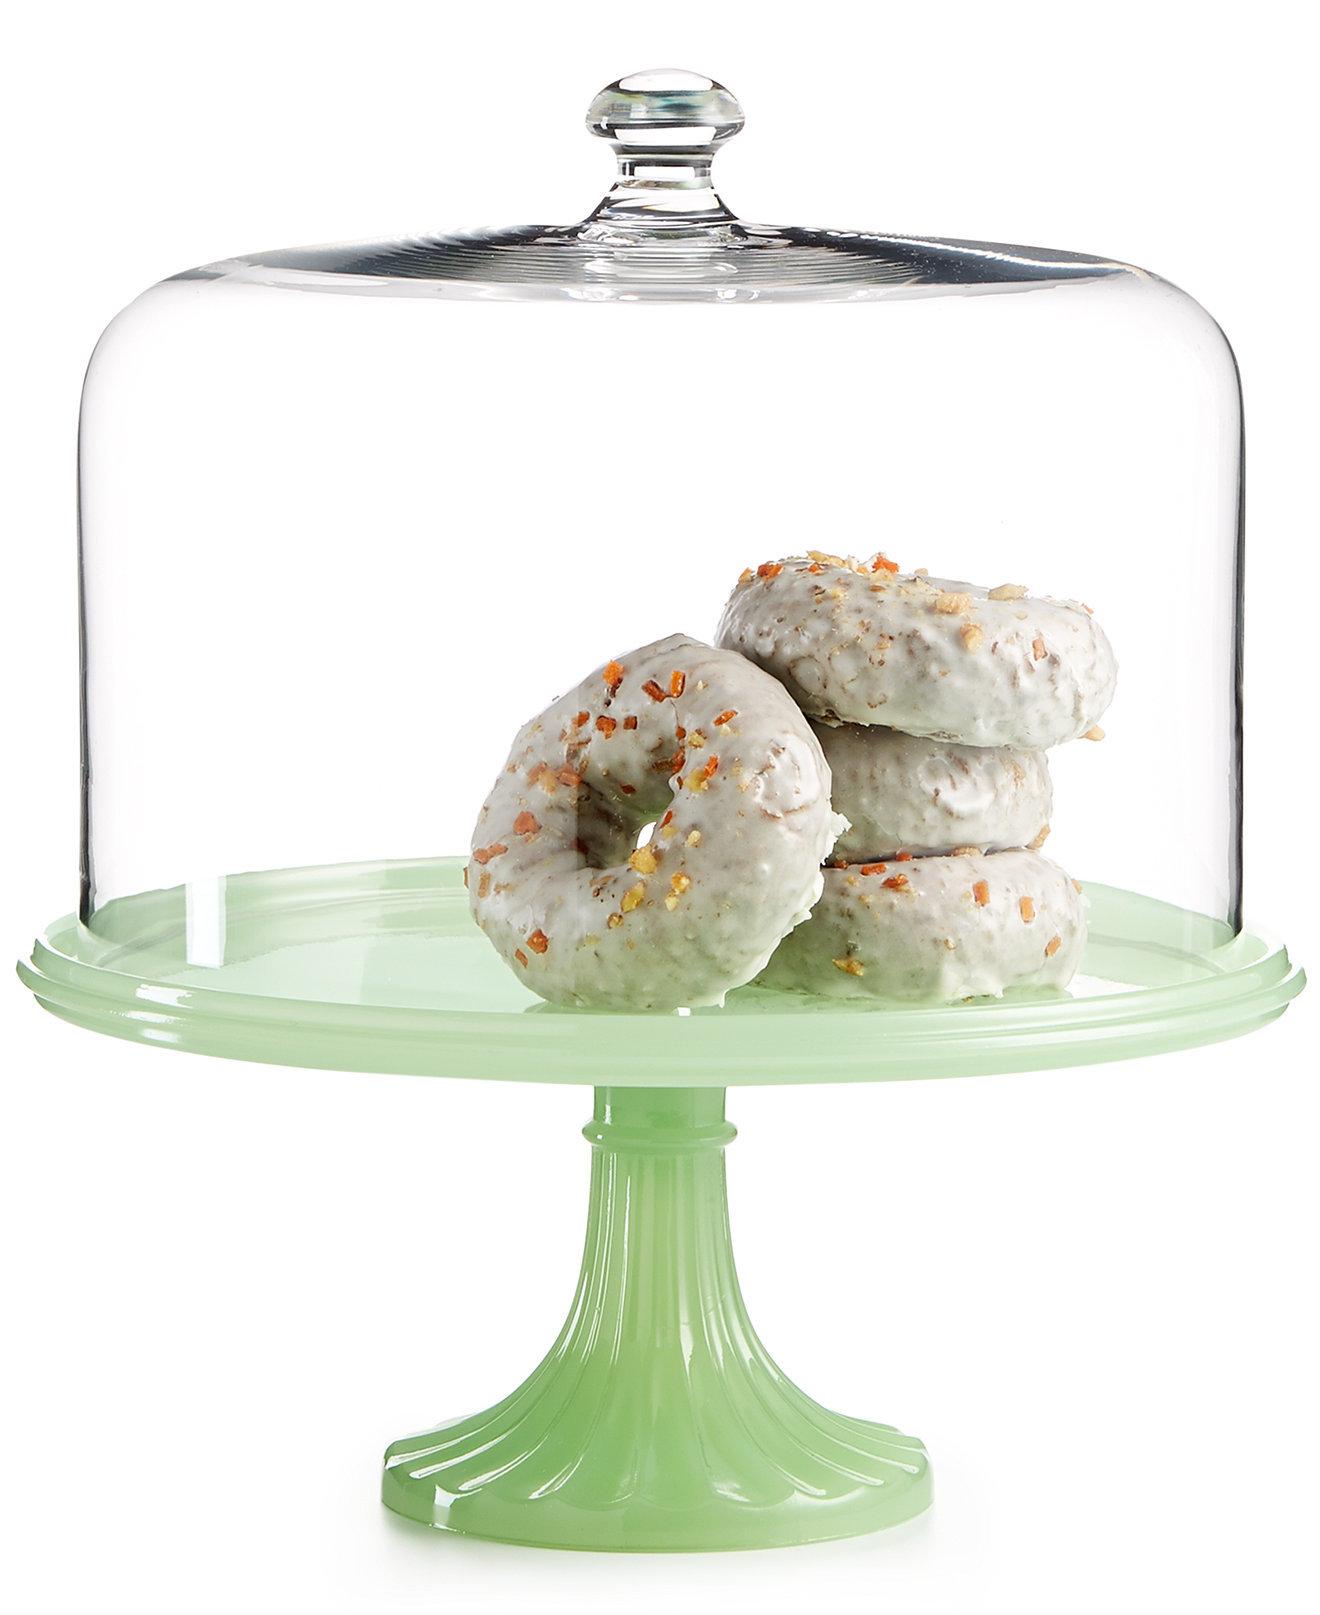 Macys-Cake-Stand.jpg